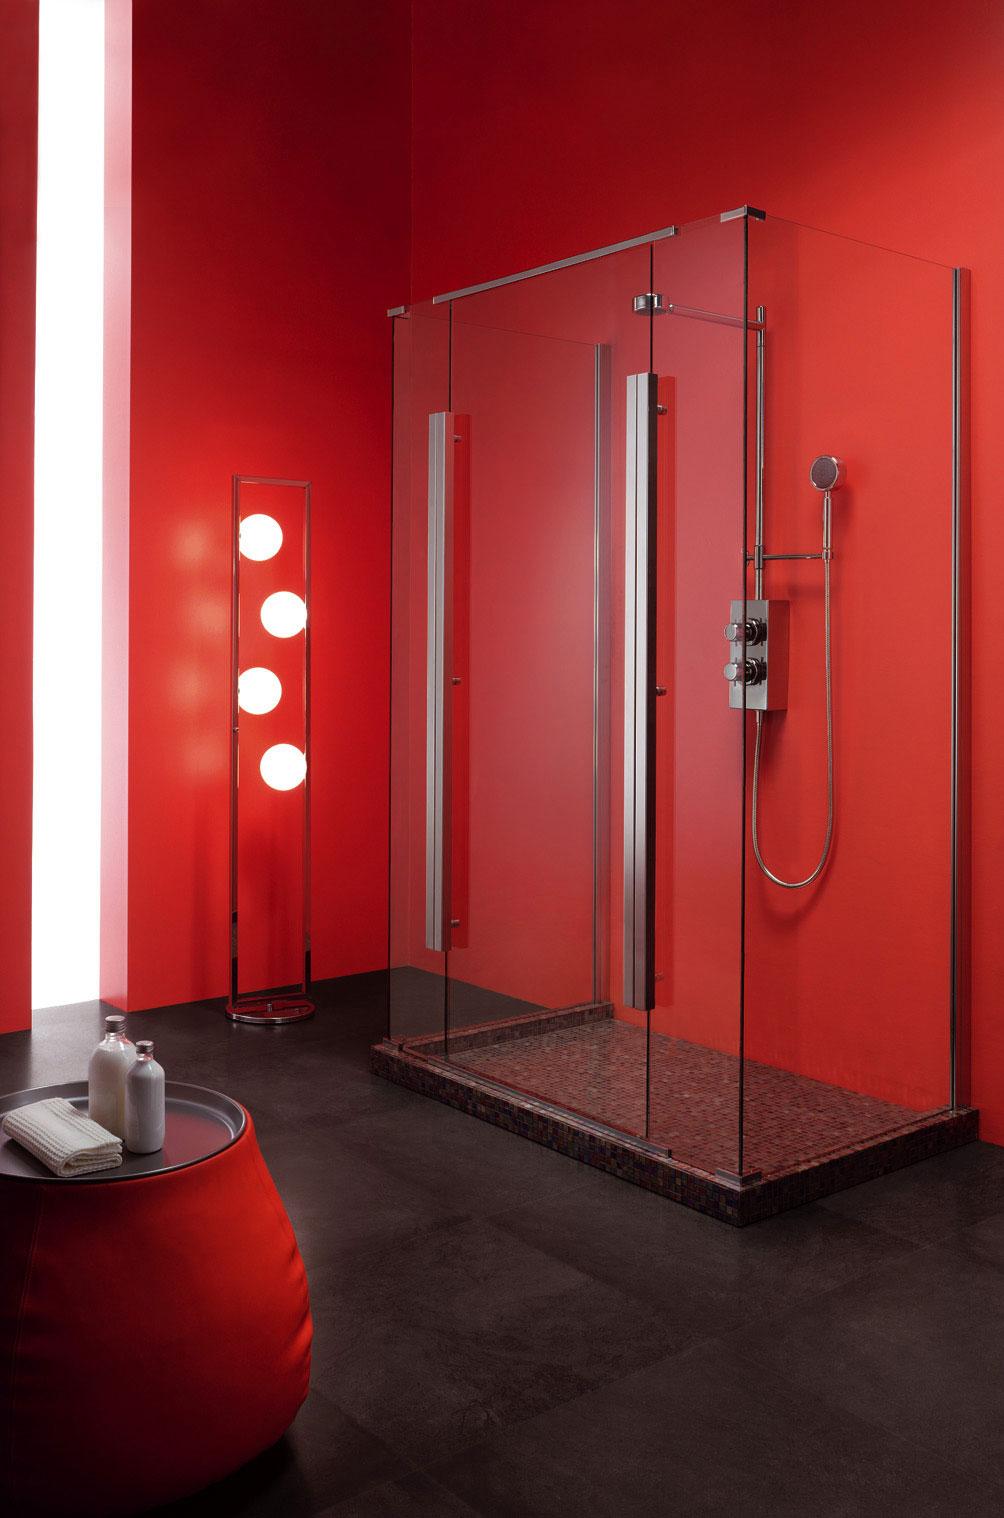 Душ без поддона в красно-черной ванной